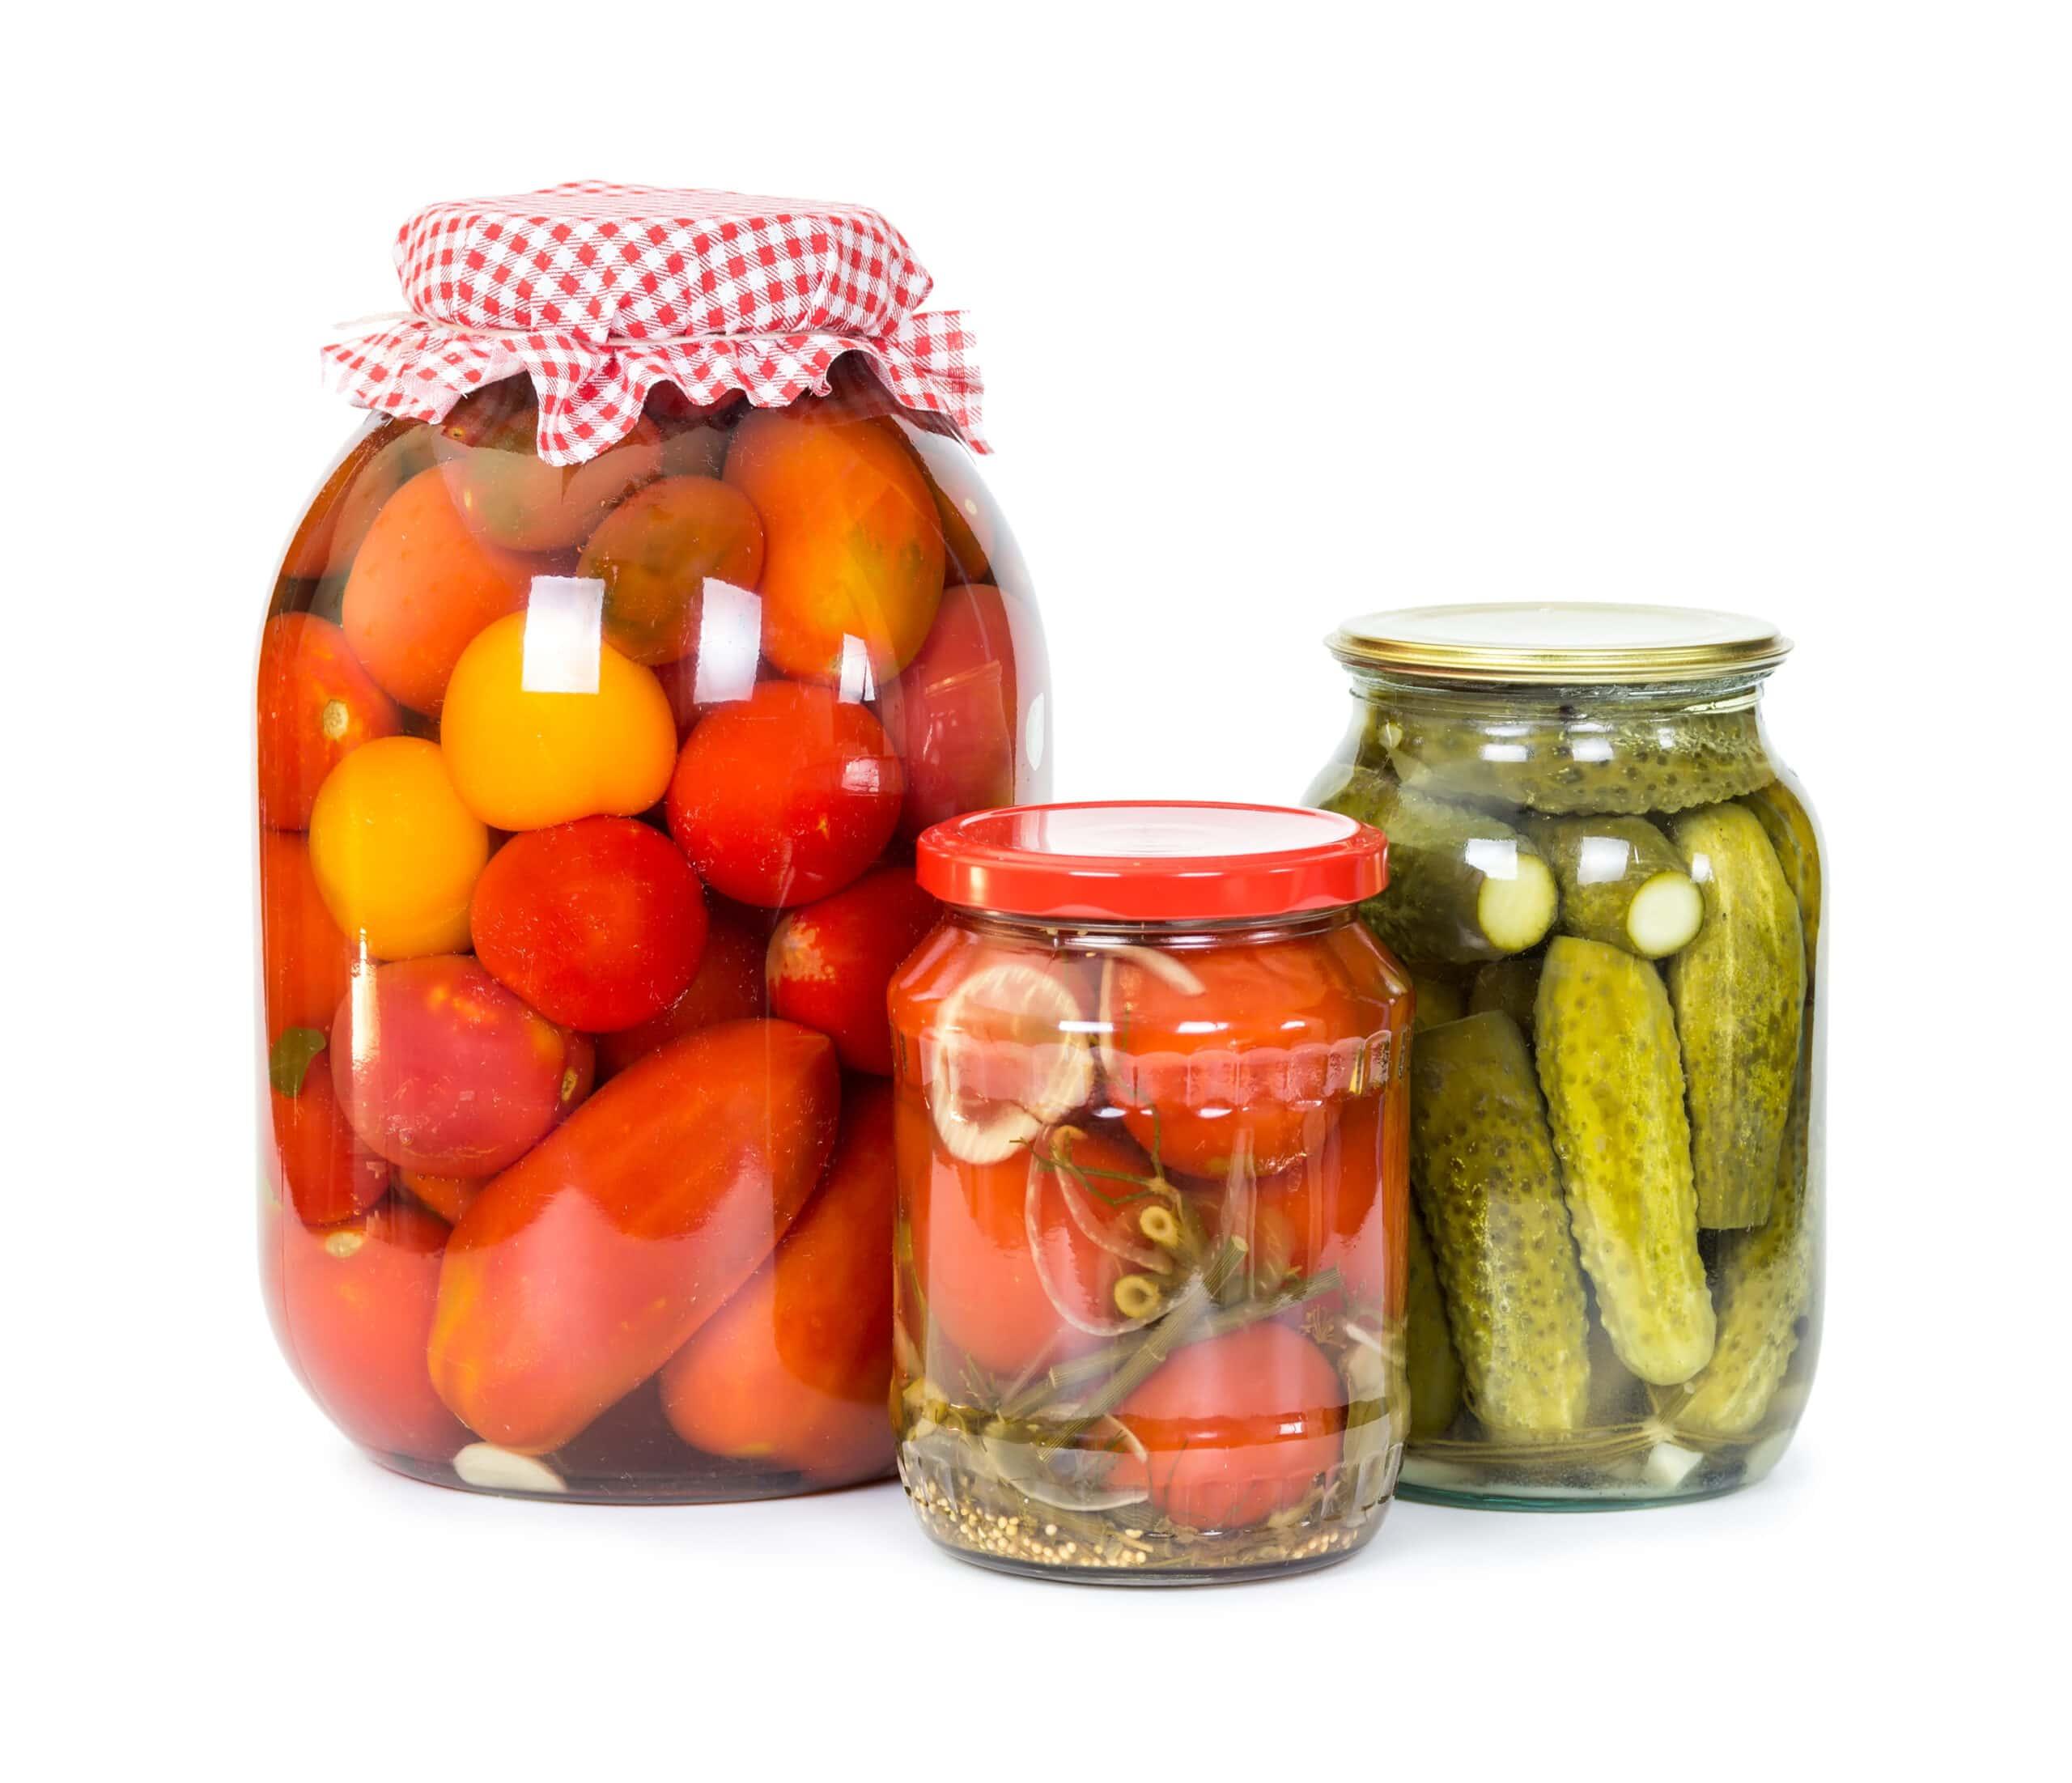 Inlagda tomater och gurka på burk